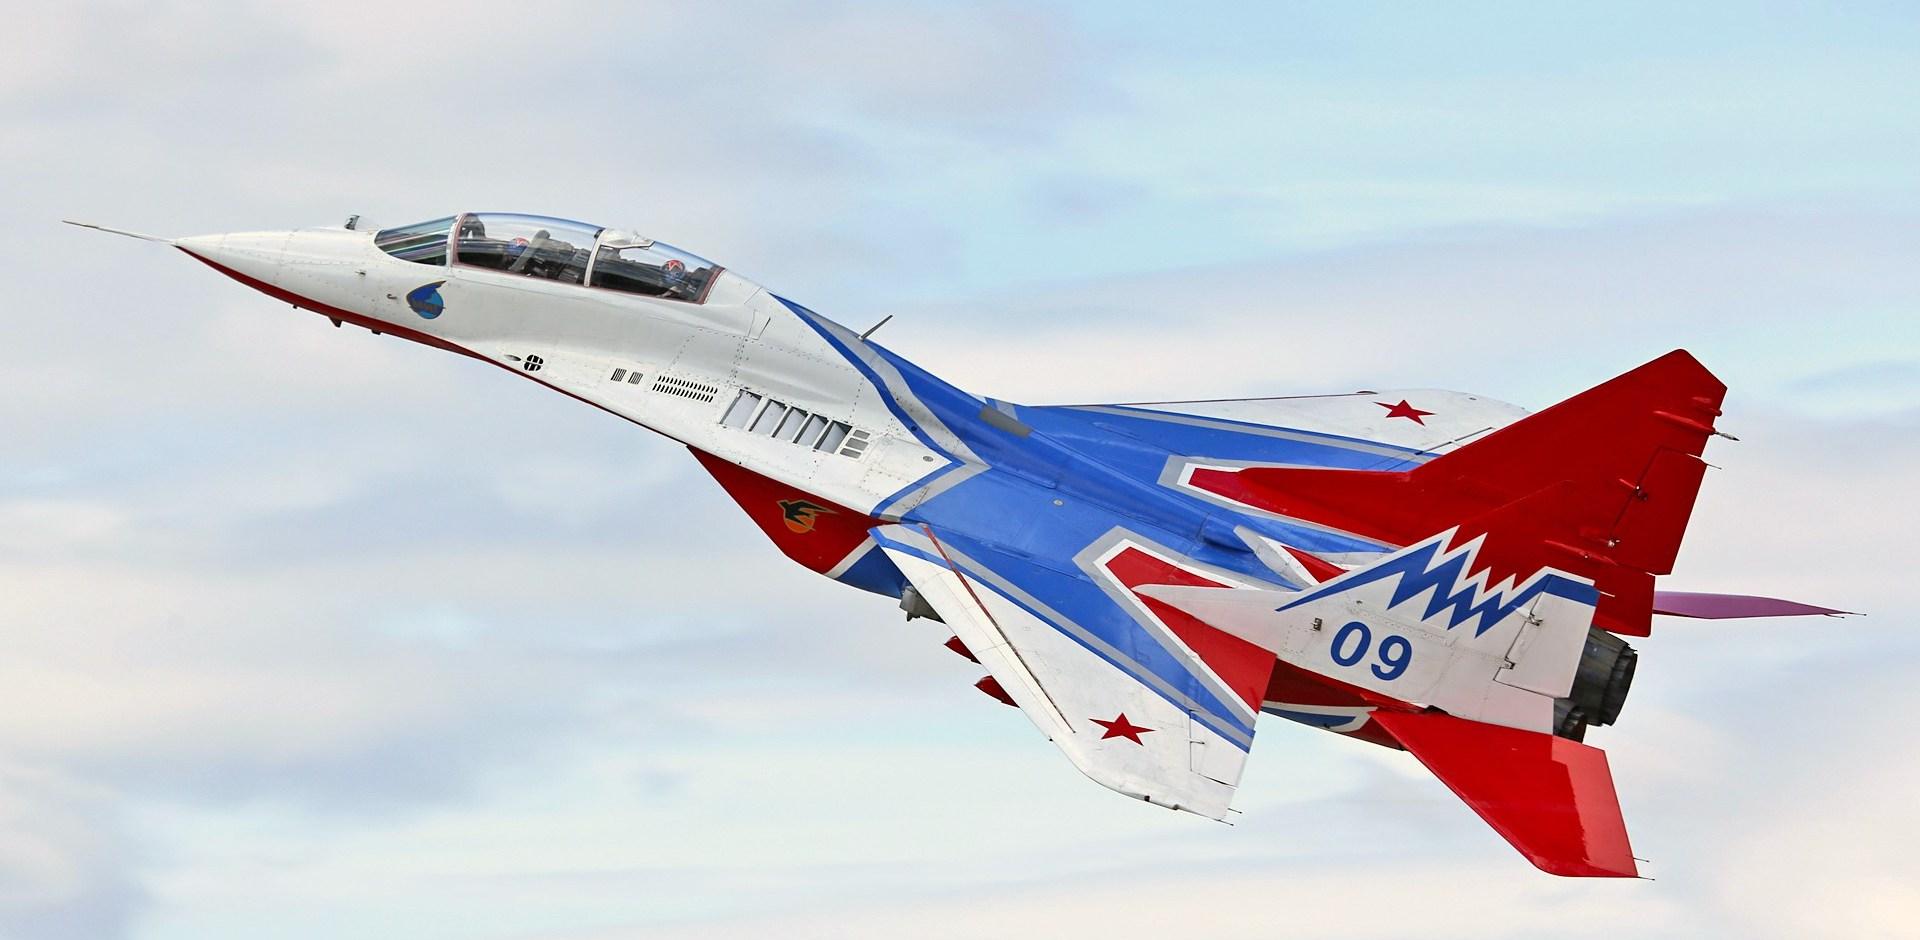 Курс знатока высшего пилотажа за три минуты: что покажут «Стрижи» в небе над Уктусом